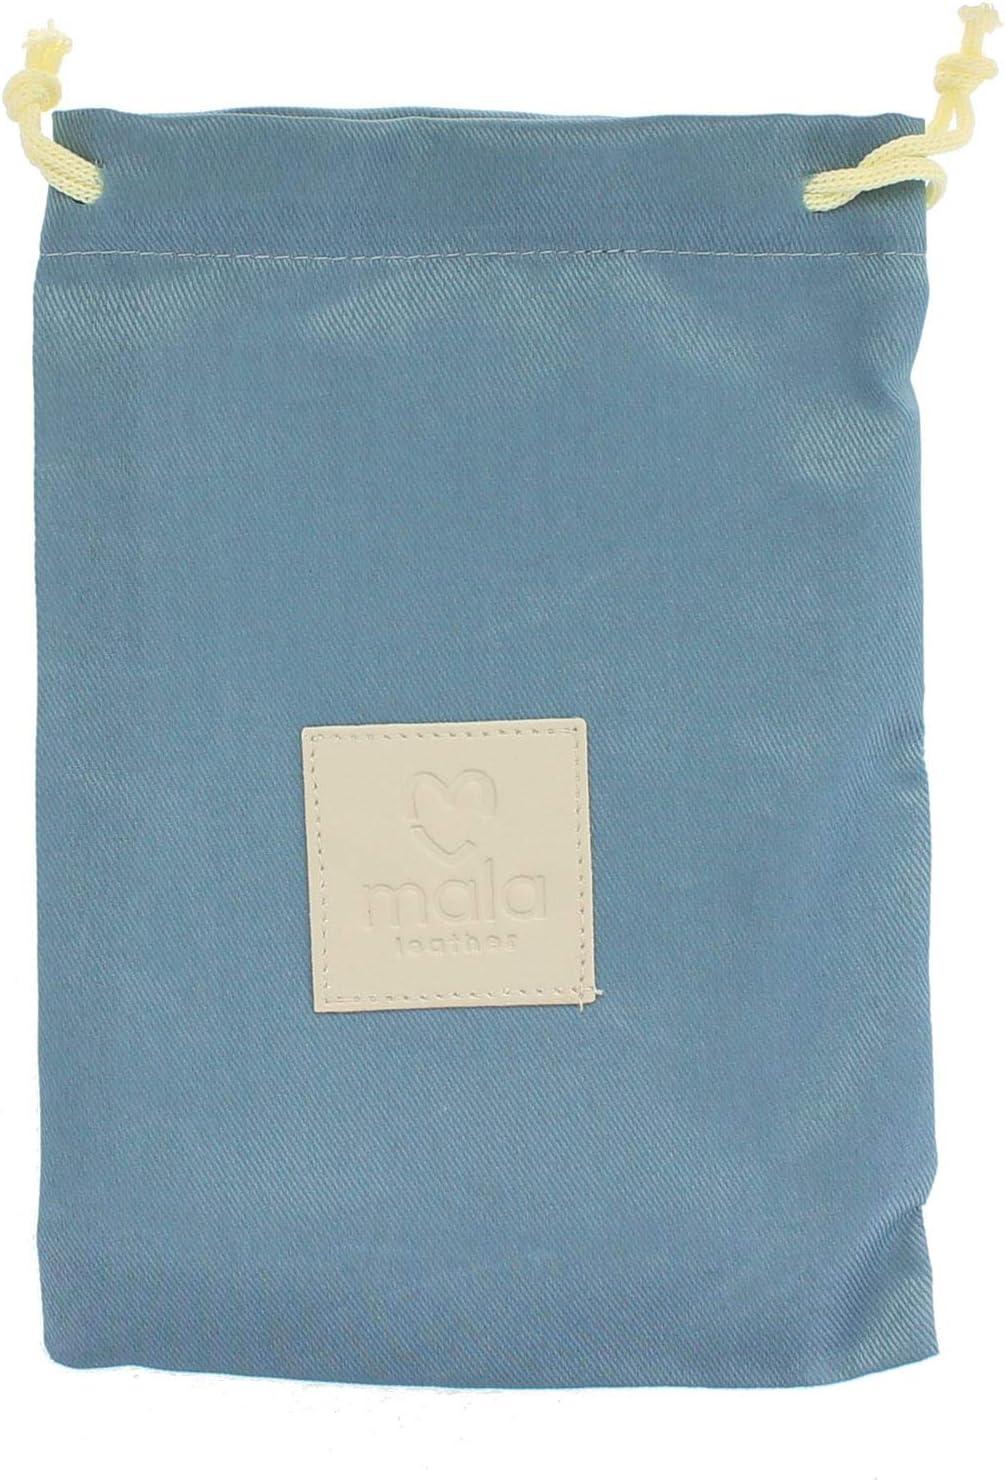 Mala Leather Collection OLLIE Porte-monnaie pour Pi/èces avec Porte-cl/é et Protection RFID 4150/_3 Bleu